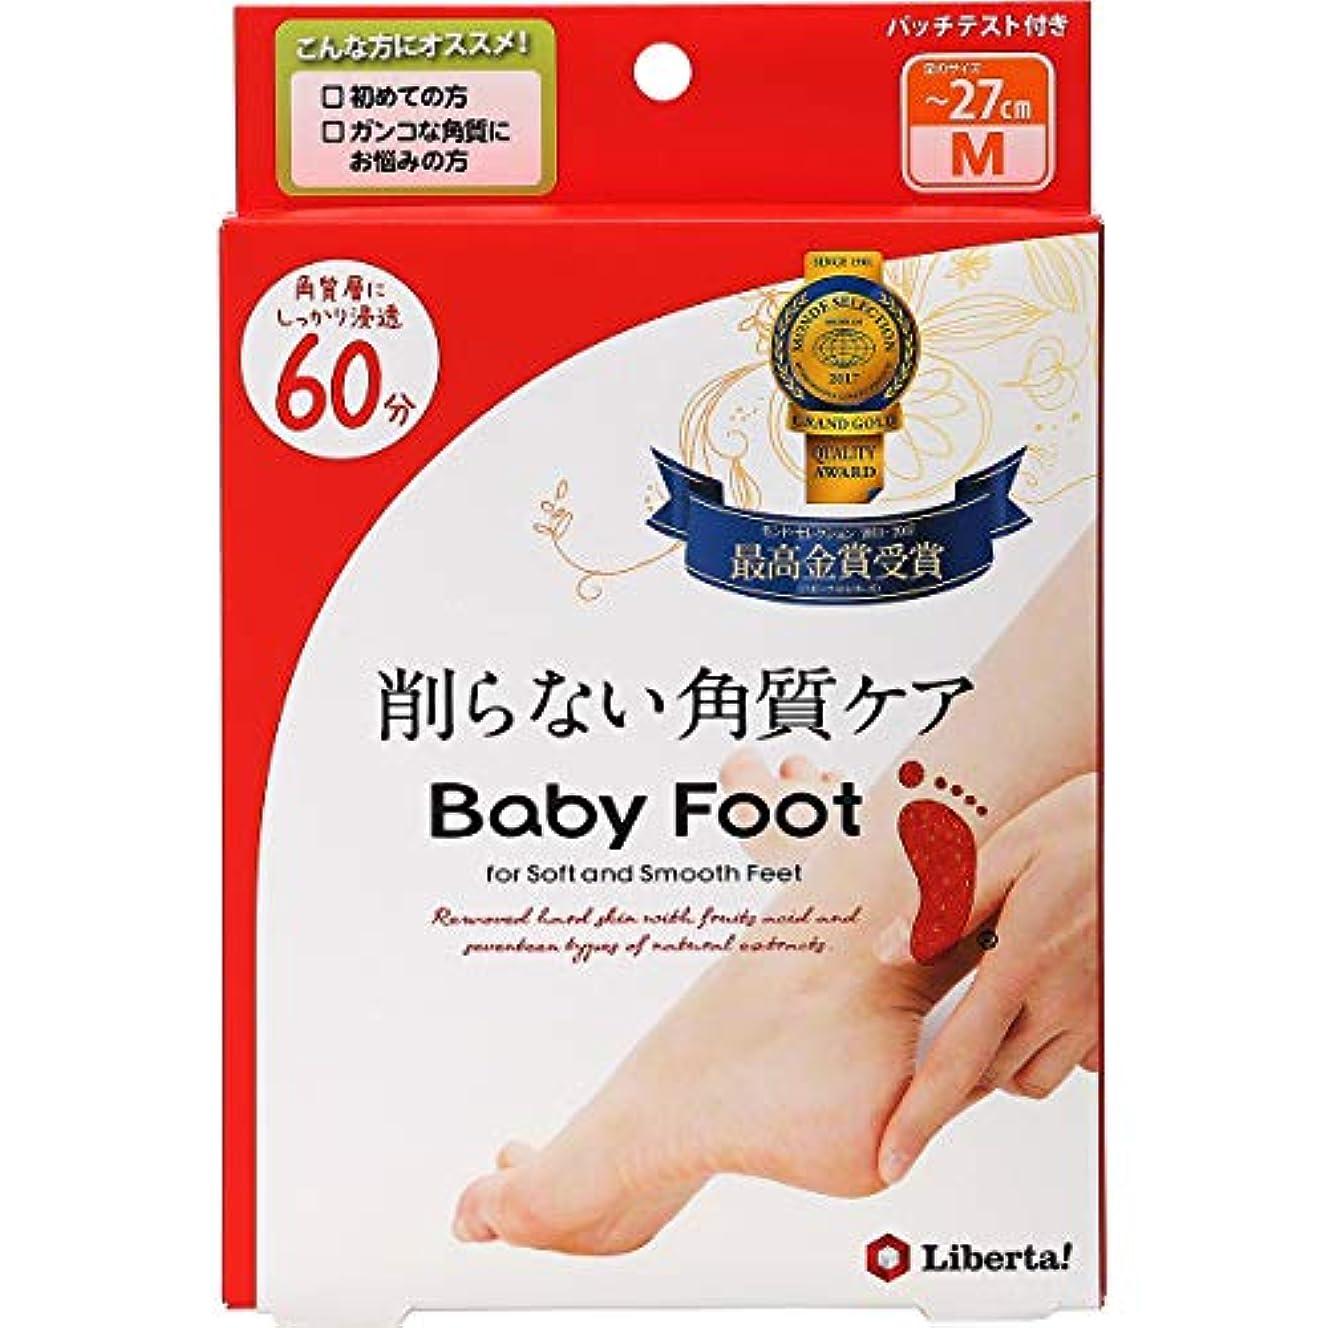 生活カートン提供ベビーフット (Baby Foot) ベビーフット イージーパック SPT60分タイプ Mサイズ 単品